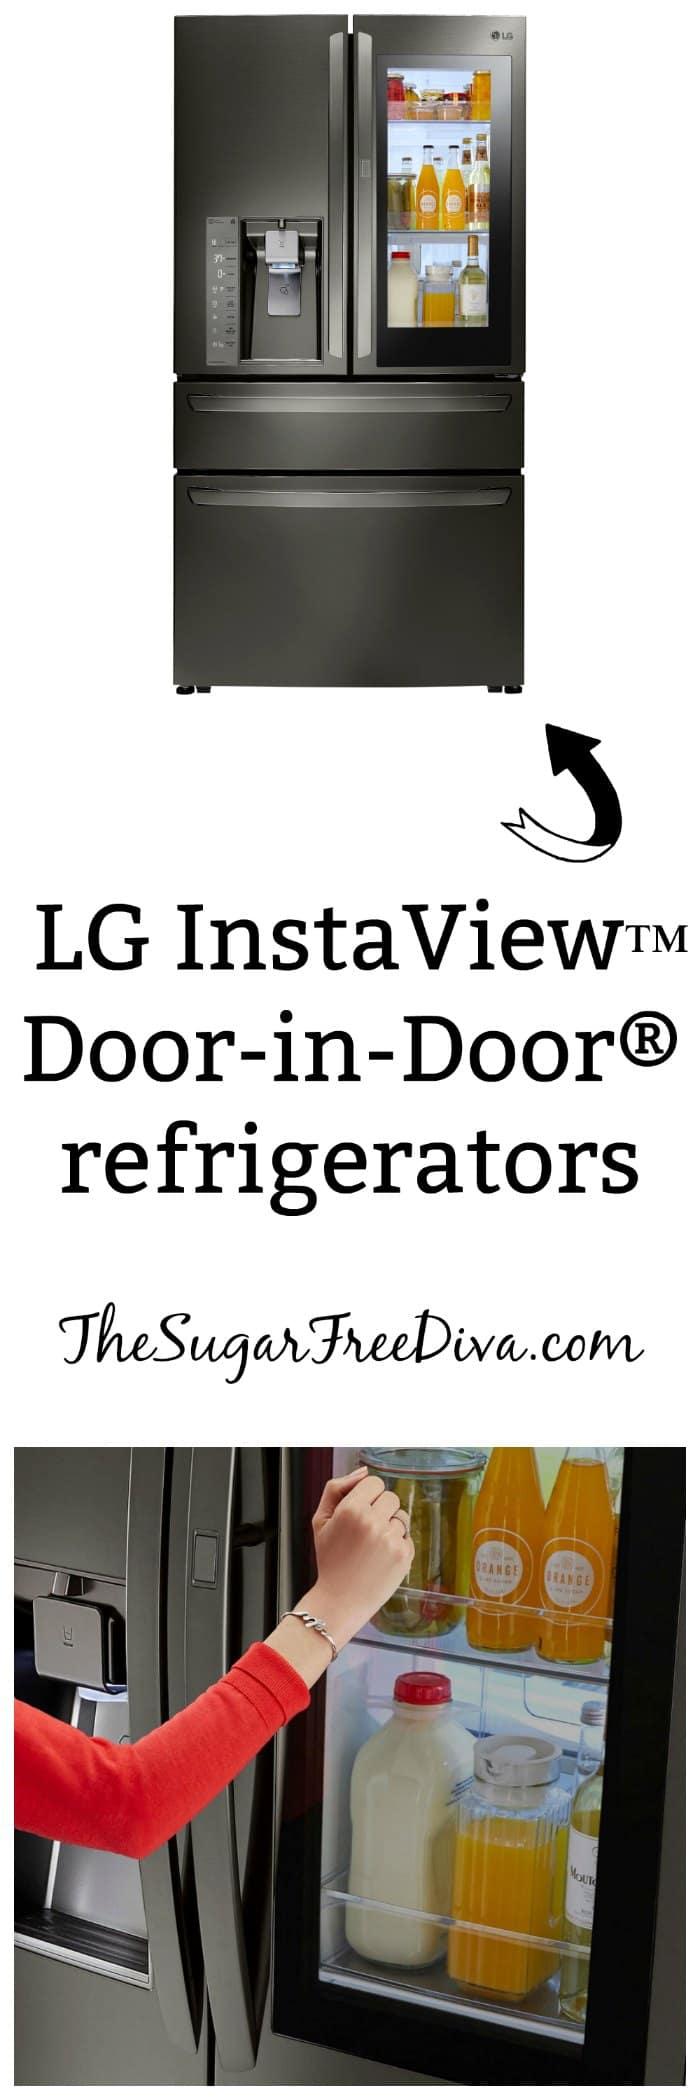 LG's InstaView™ Door-in-Door® refrigerators